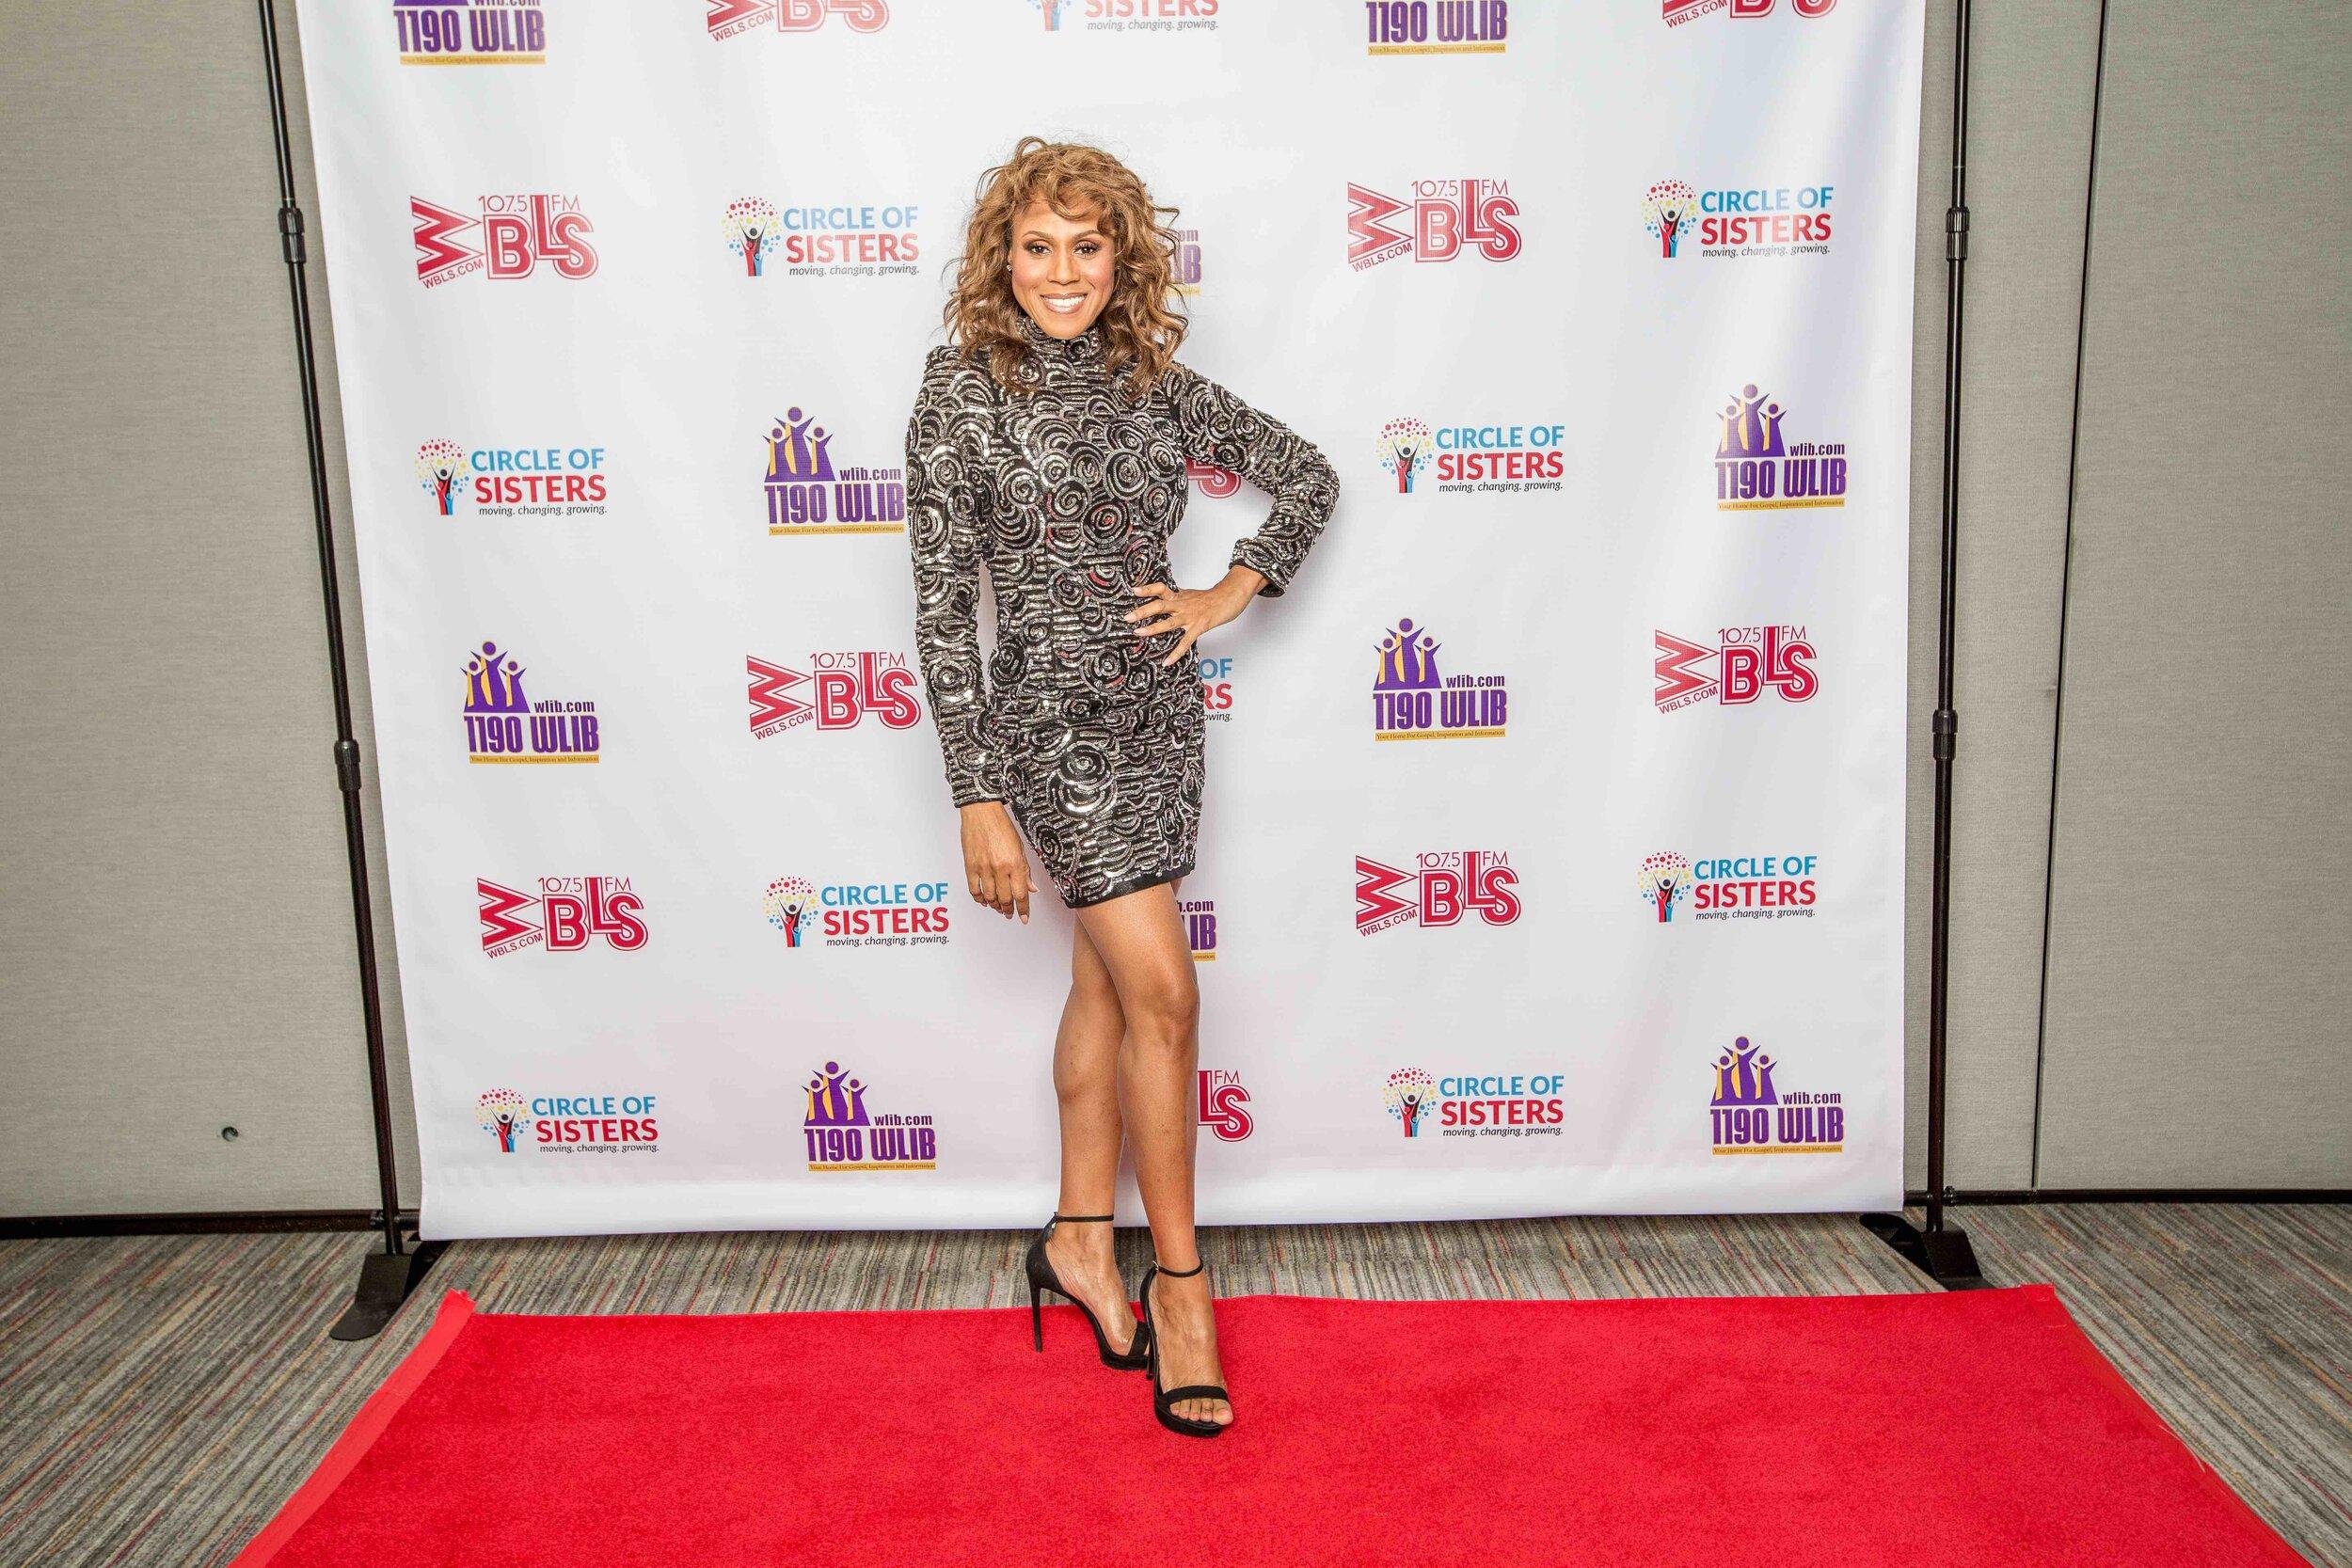 Singer Debrorah Cox photo credit Haydeen Greene